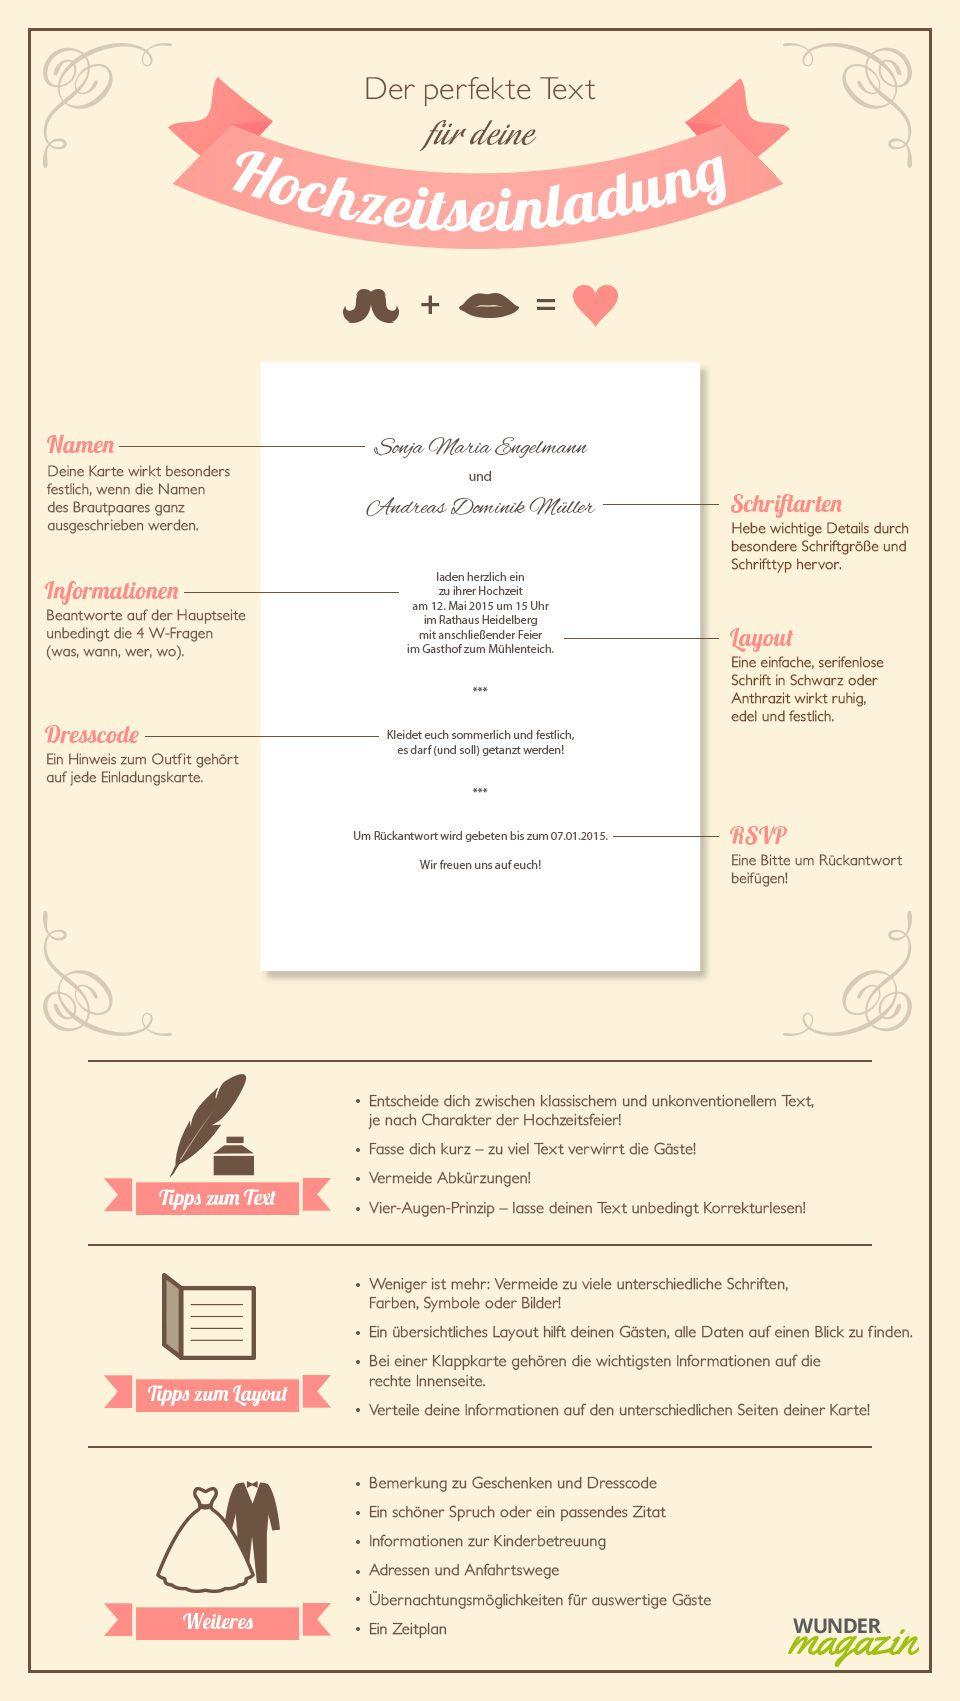 Infografik Zu Hochzeitseinladung Text Wedding Invitations